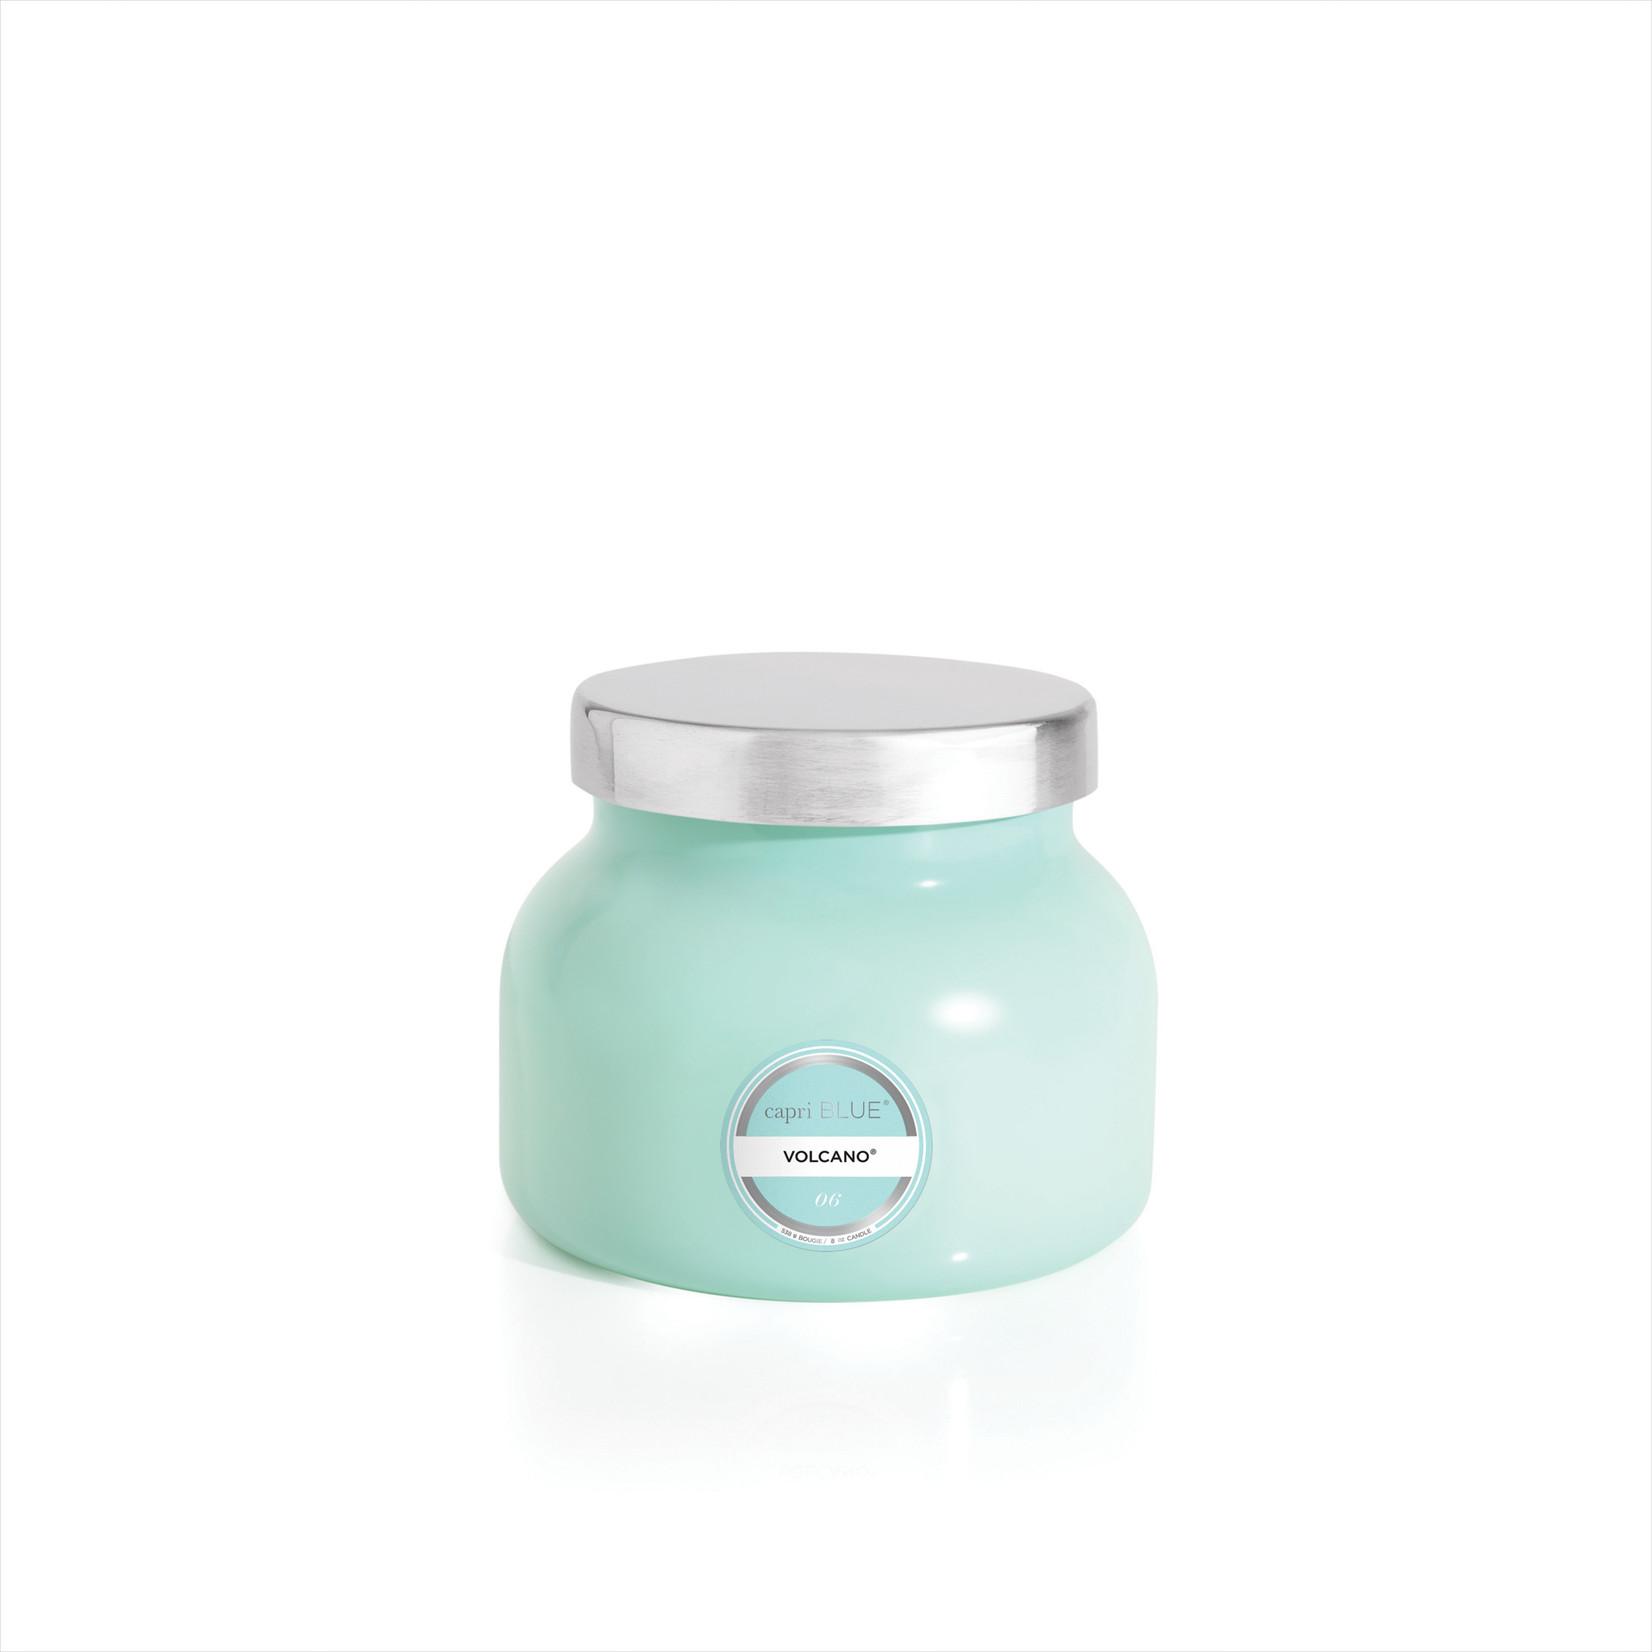 capri BLUE® Volcano Aqua Signature Jar